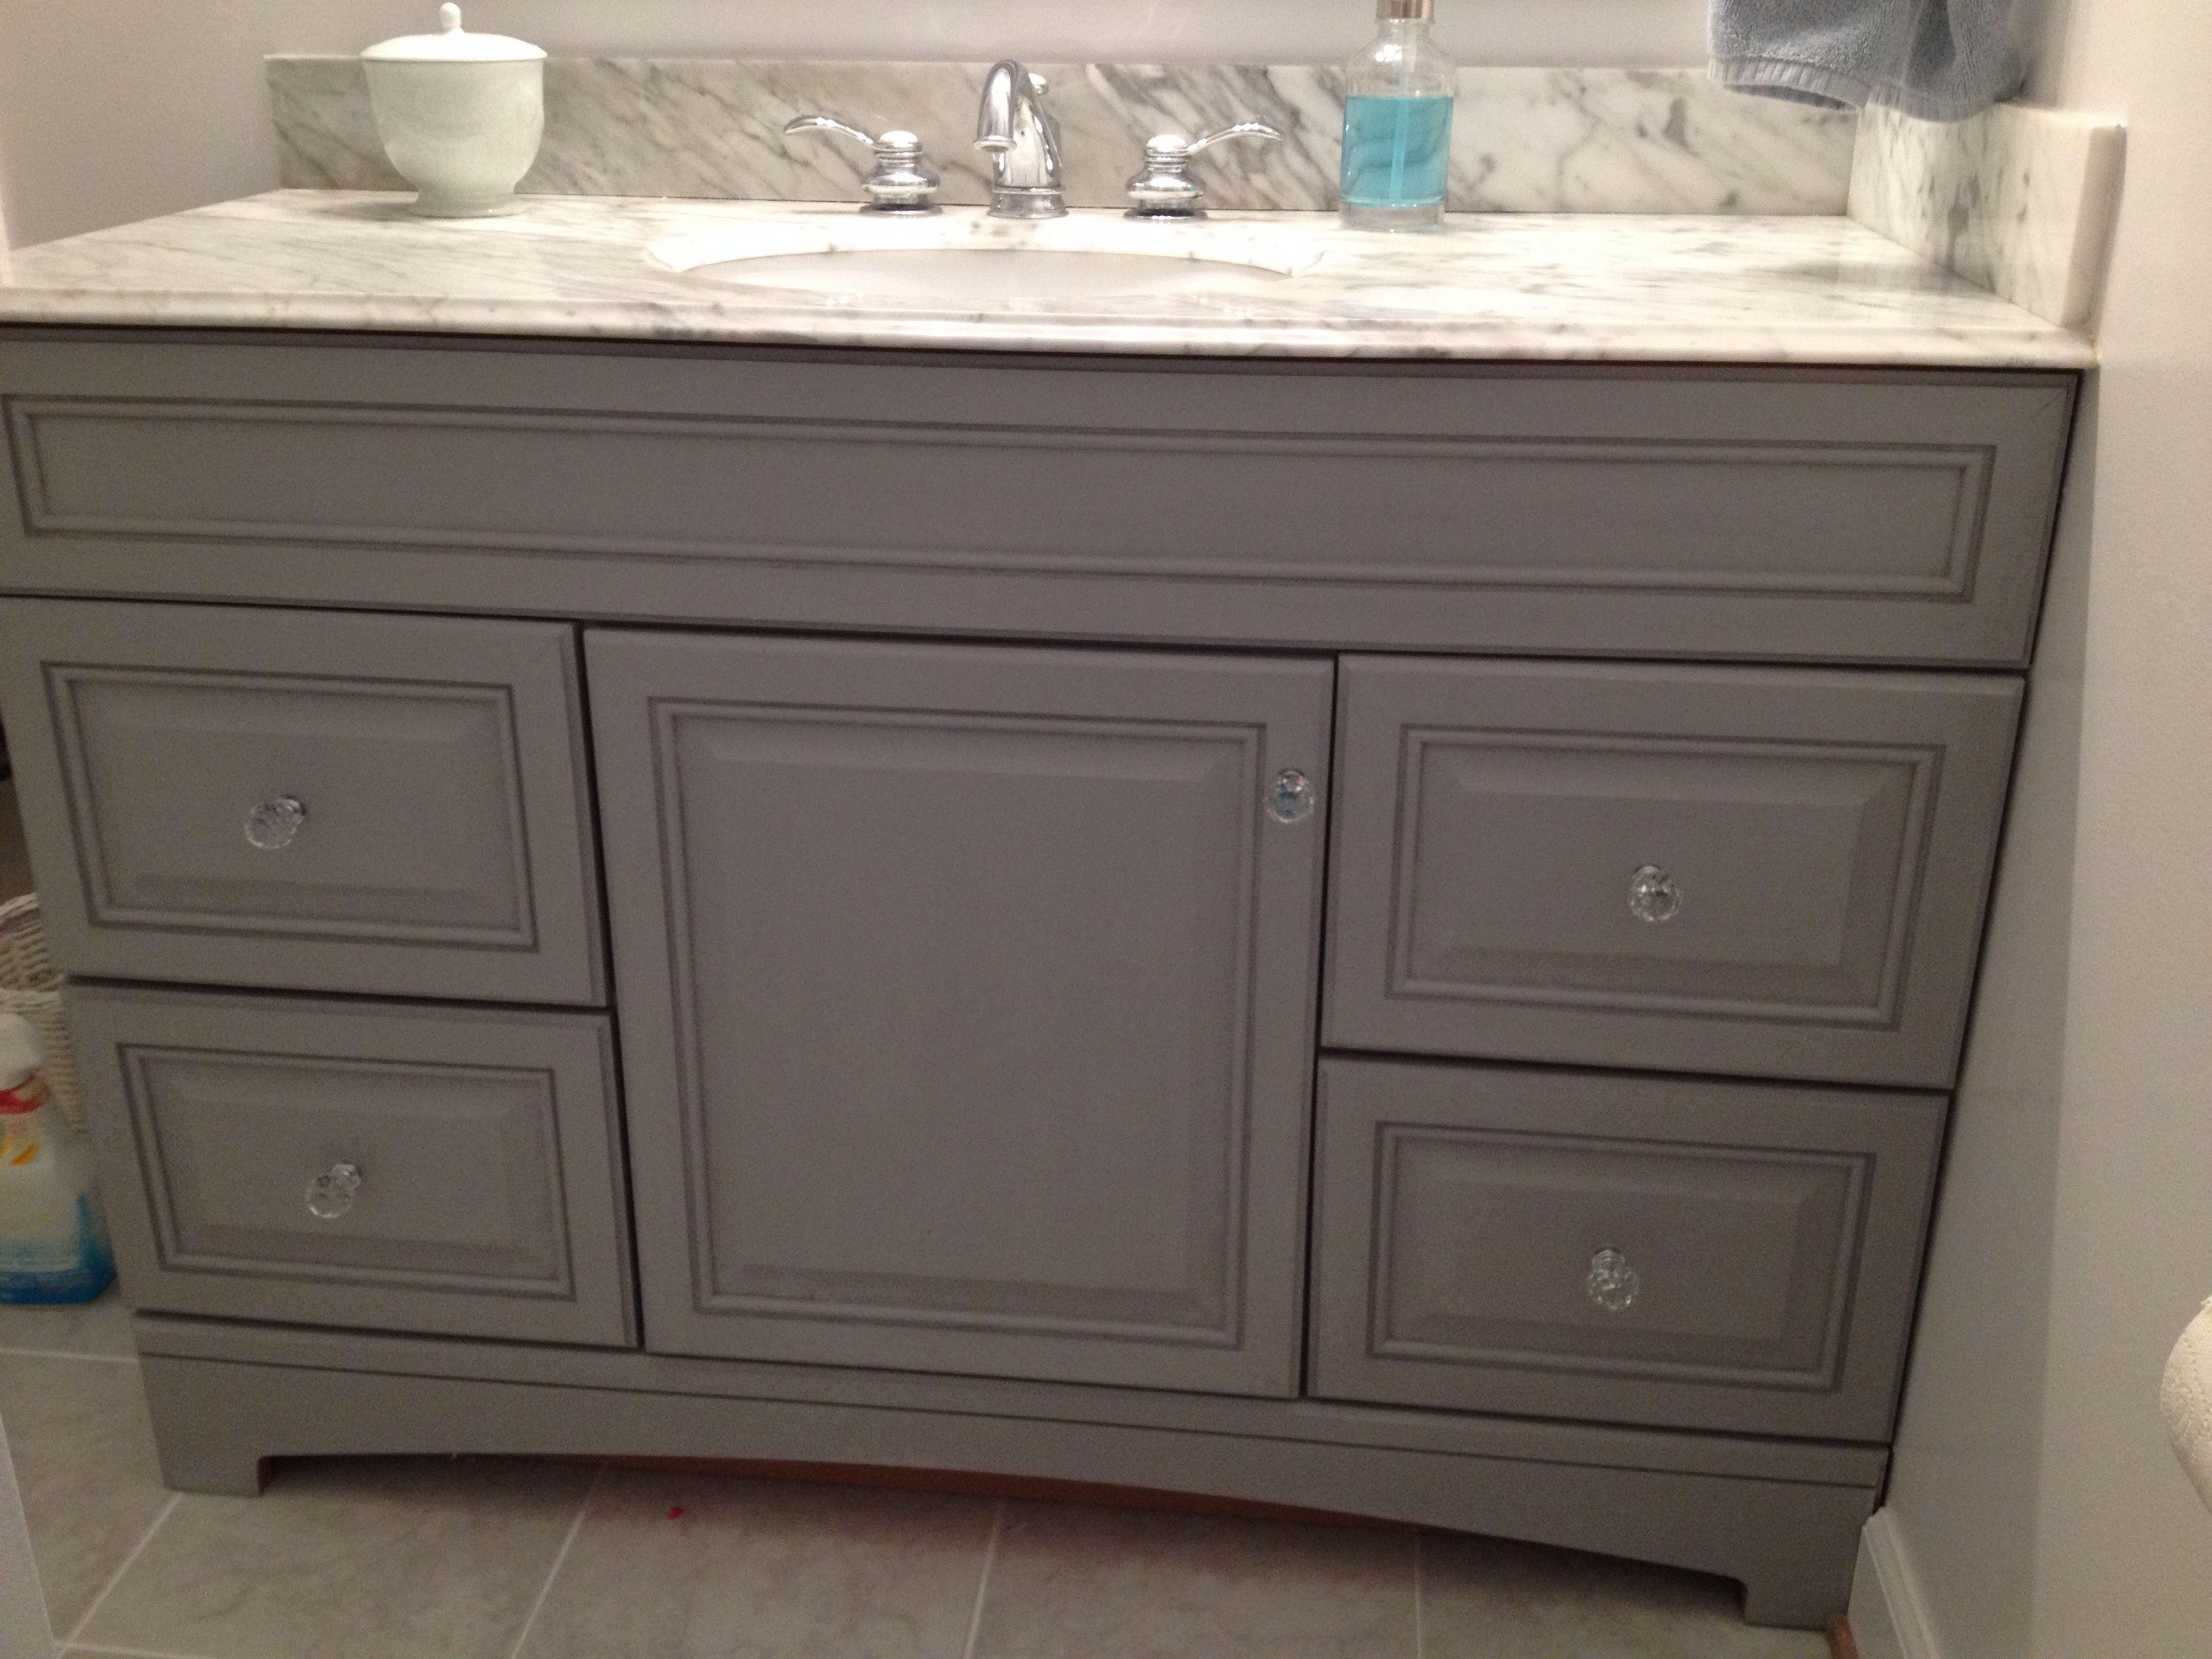 Updated Bathroom Vanity With Annie Sloan Paris Grey Painted Vanity Bathroom Painting Bathroom Cabinets Annie Sloan Chalk Paint Bathroom Vanity